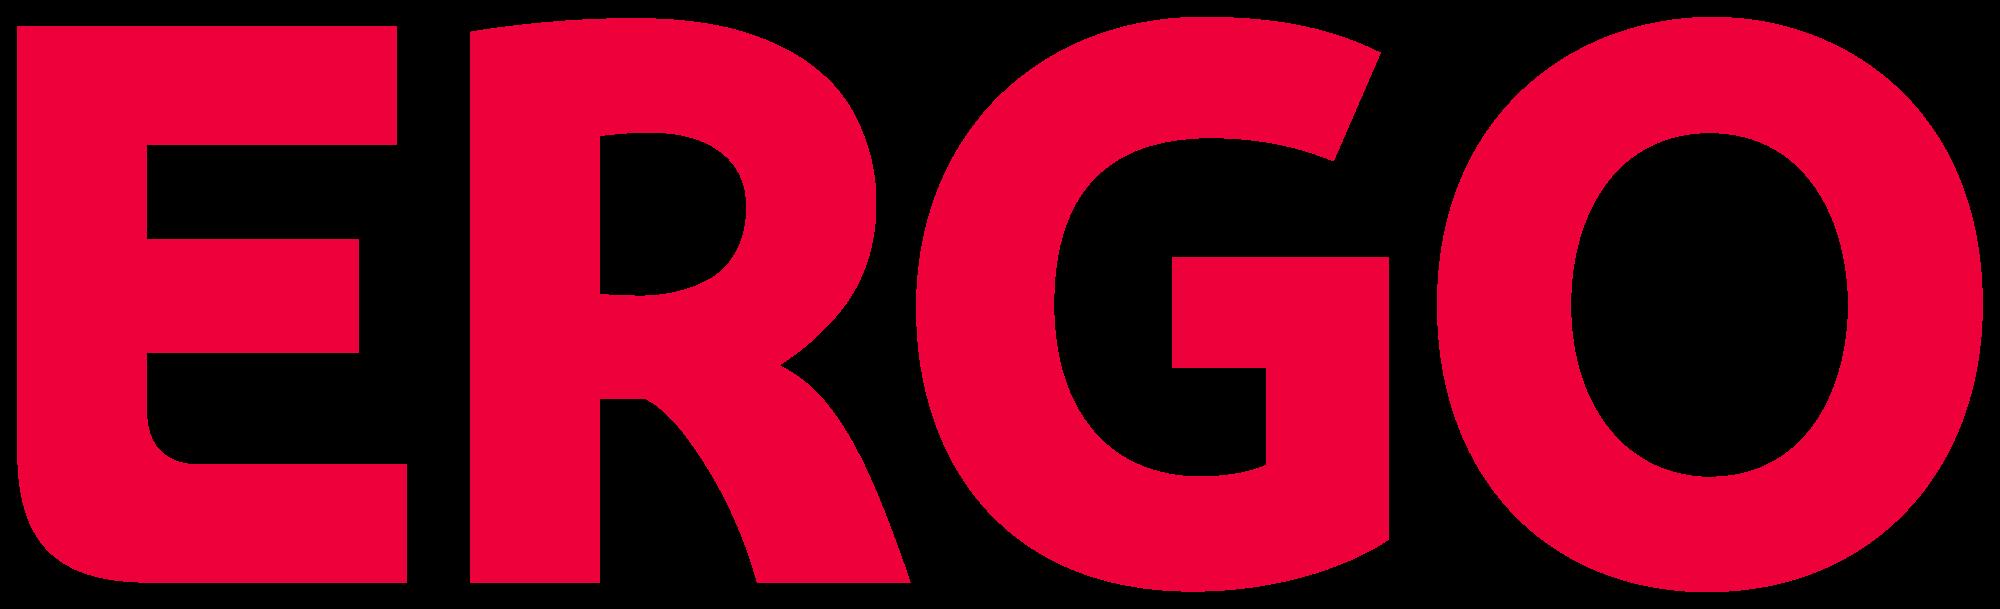 ERGOLogo Image